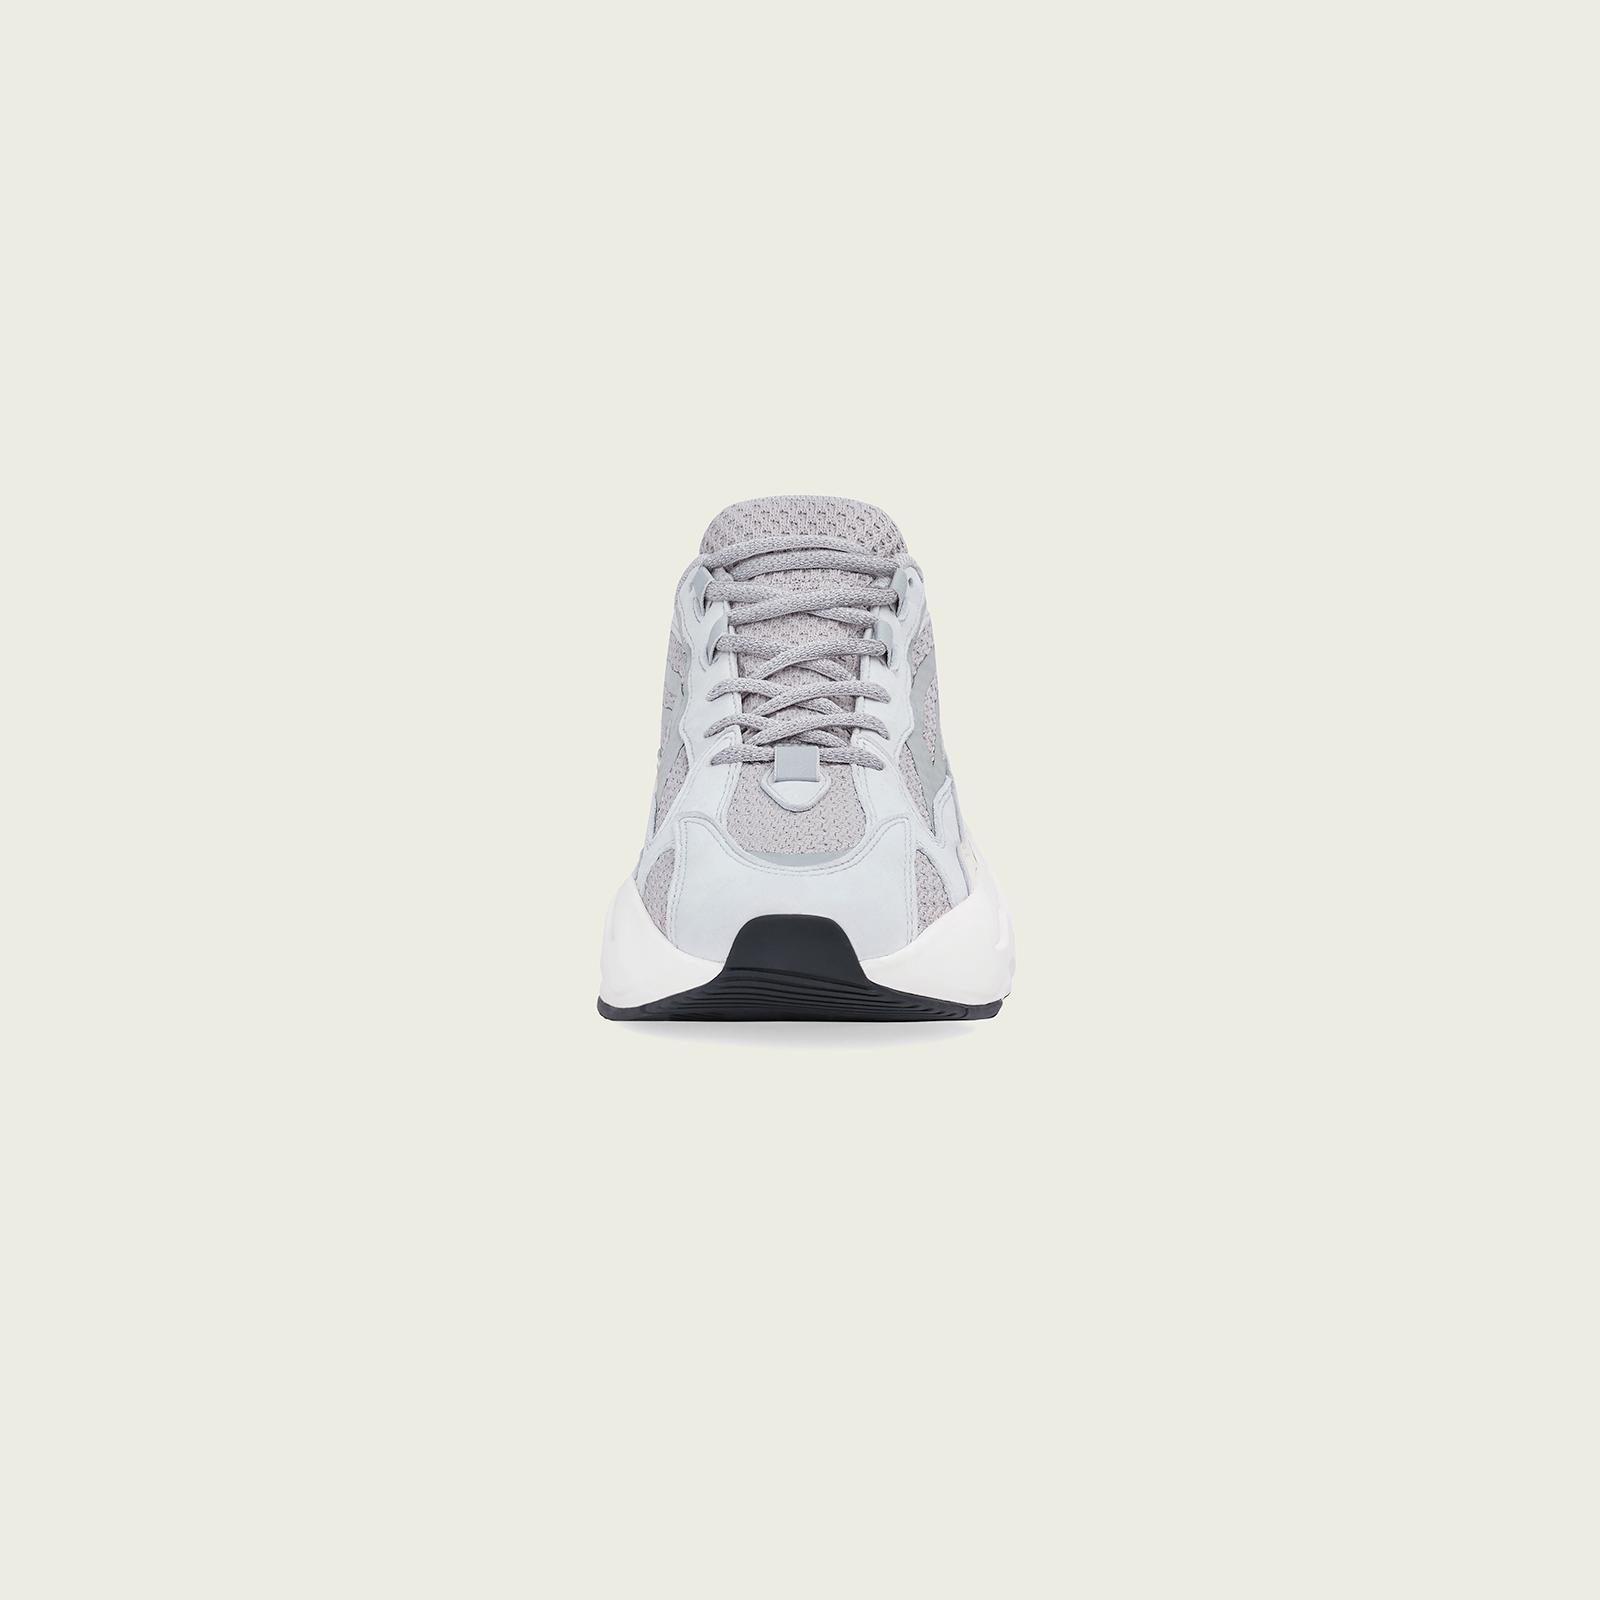 b4ec8932faf adidas Yeezy Boost 700 V2 - Ef2829 - Sneakersnstuff